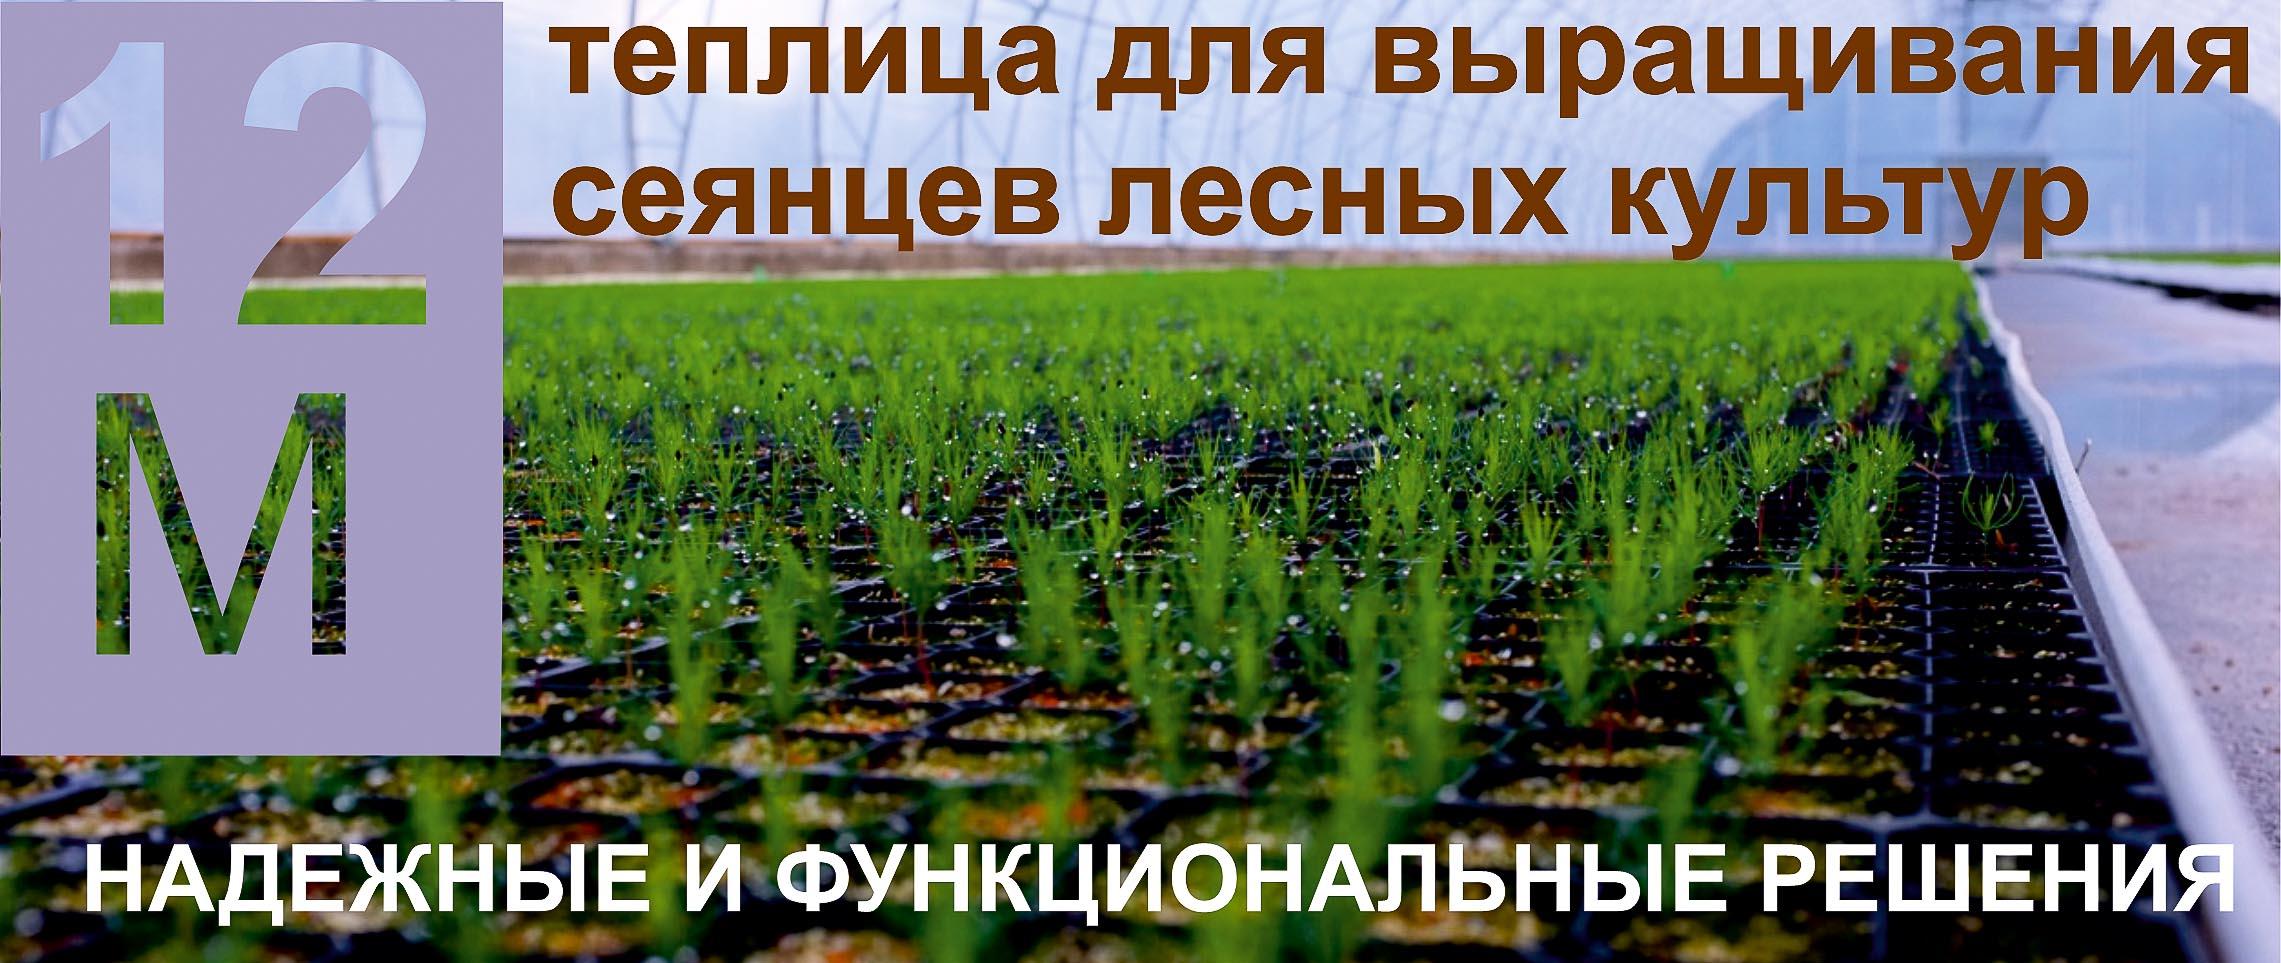 Теплица для выращивания сеянцев хвойных растений